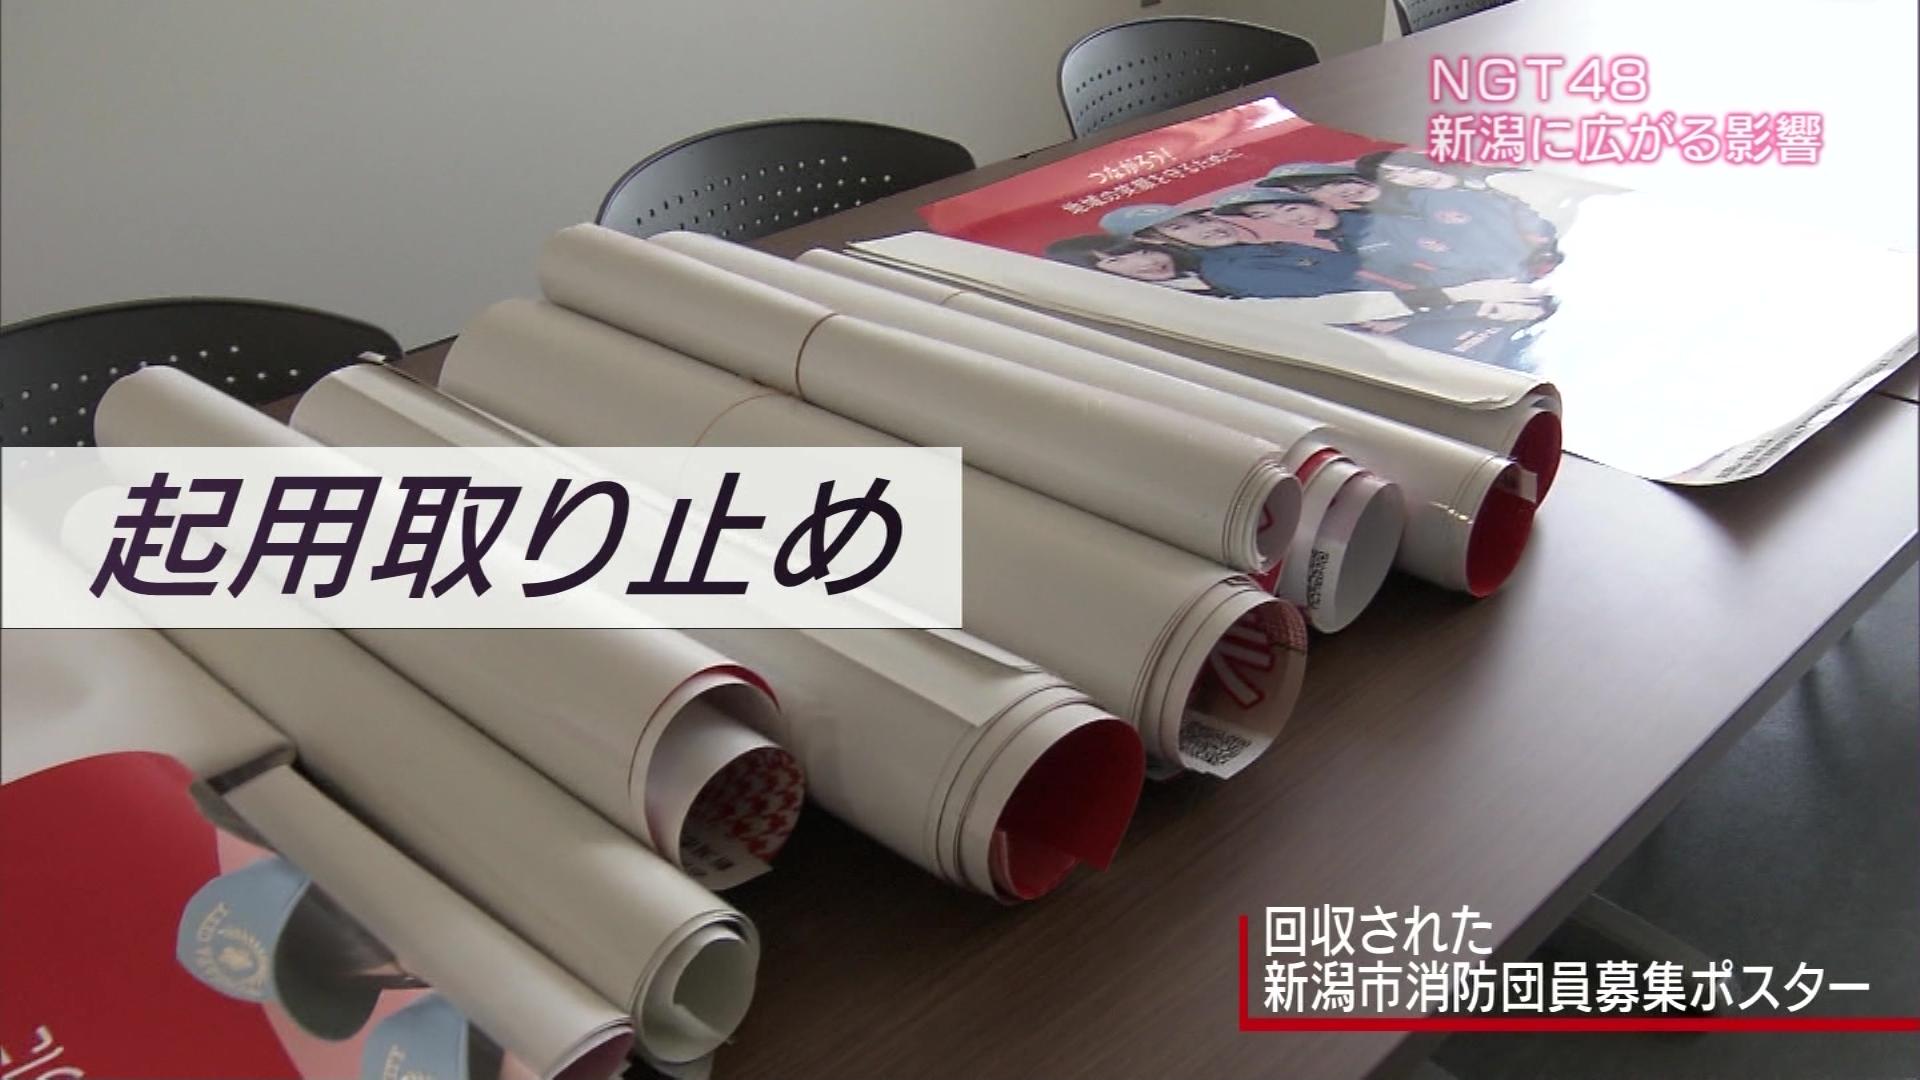 NGT48ポスター「つながろう!地域の笑顔を守るために」→起用取り止めで回収